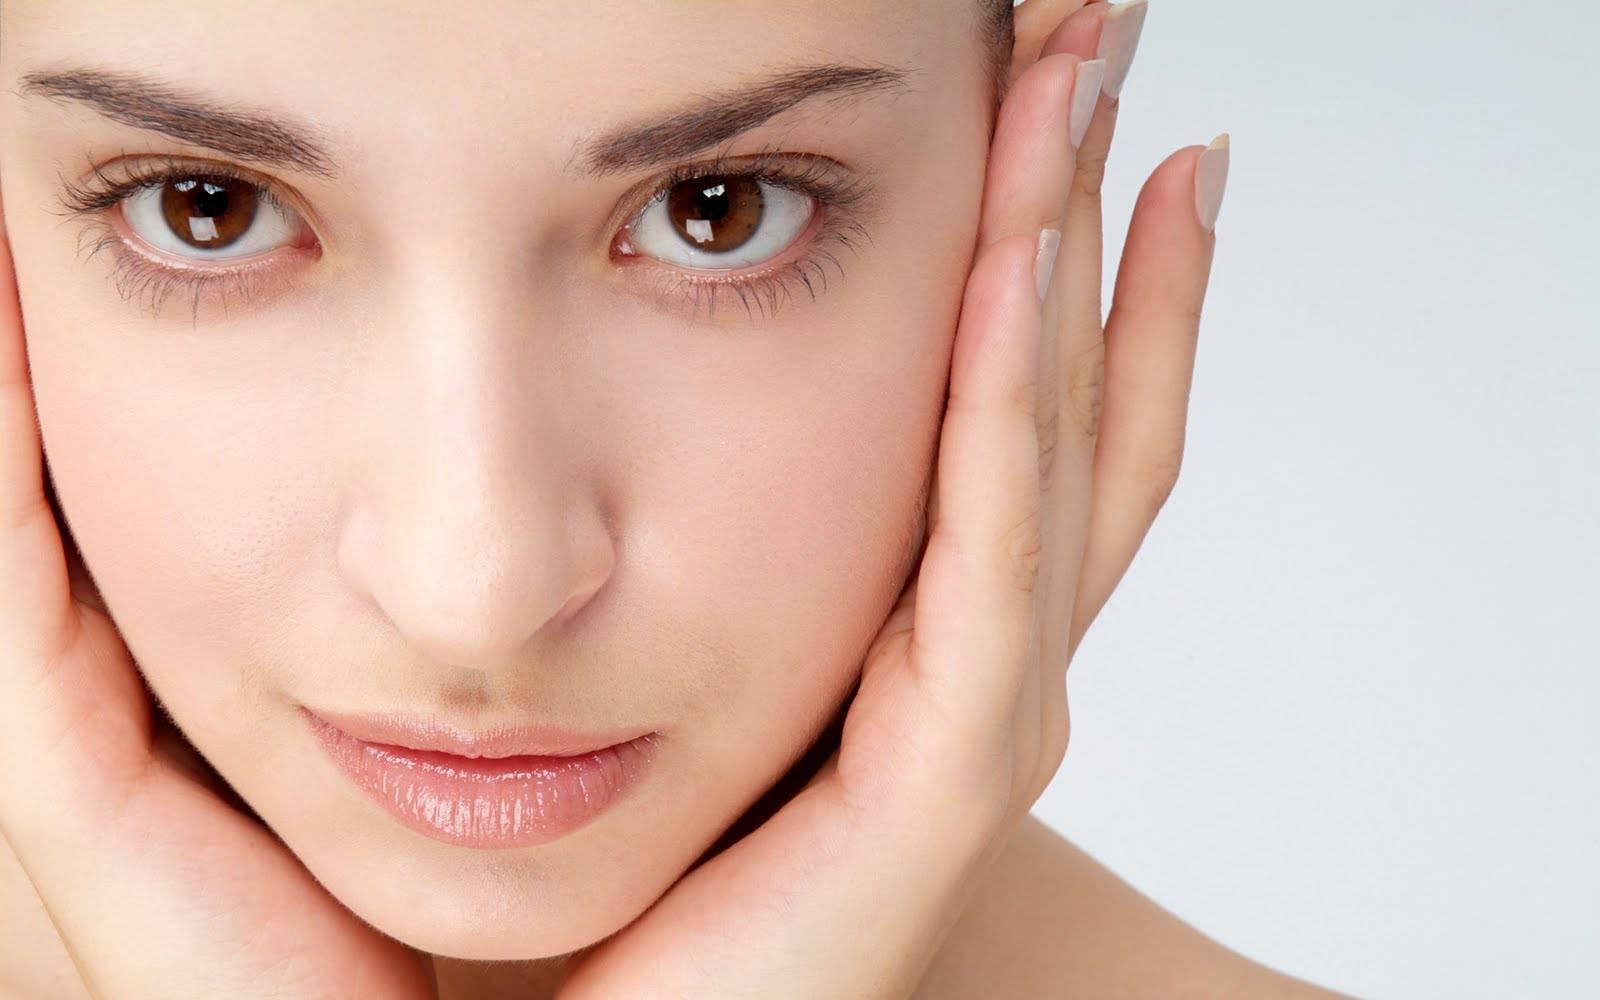 راز زیبایی پوست